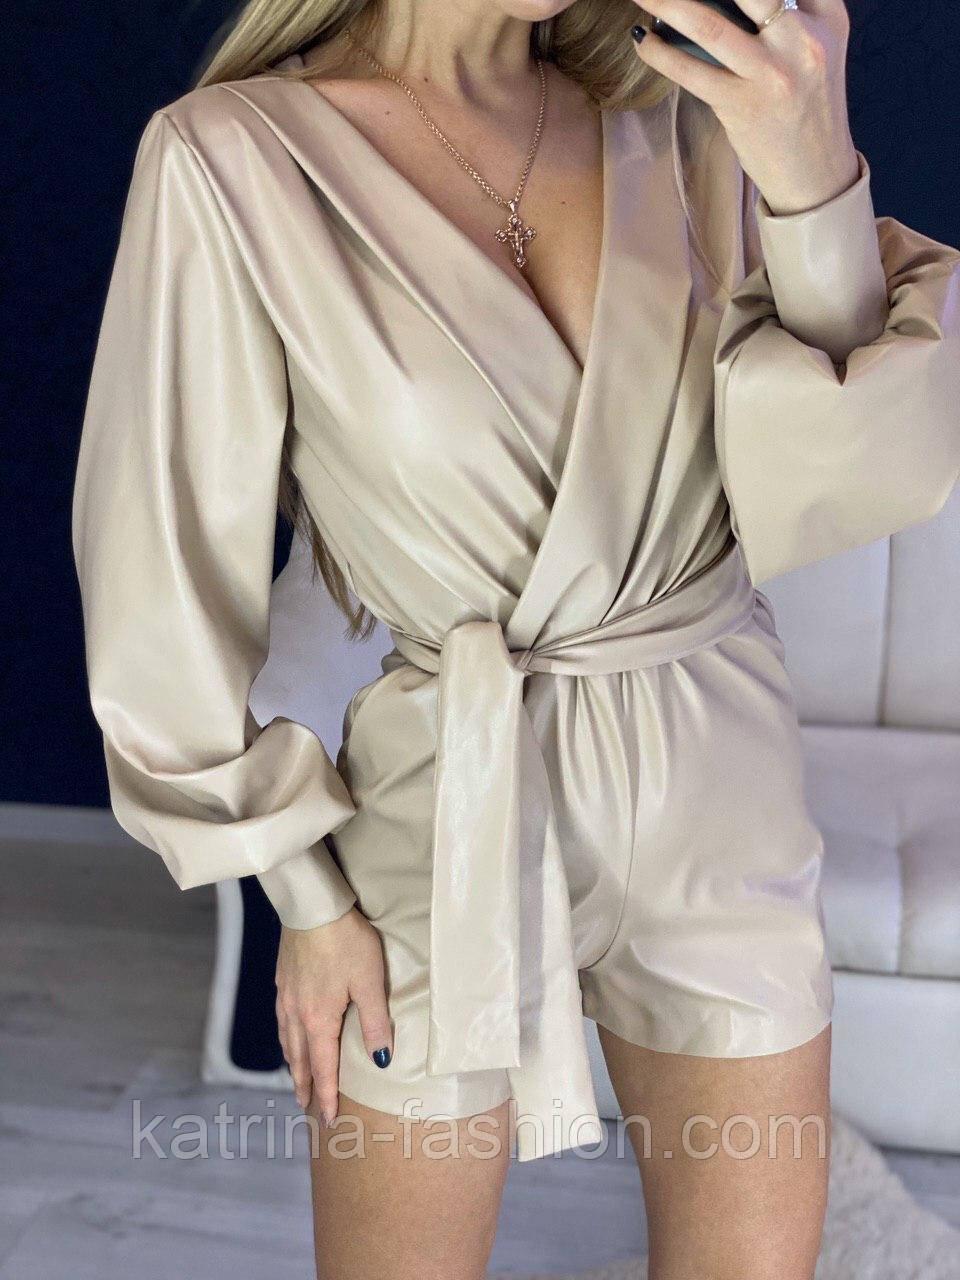 Женский стильный комбинезон ромпер из эко-кожи (в расцветках)